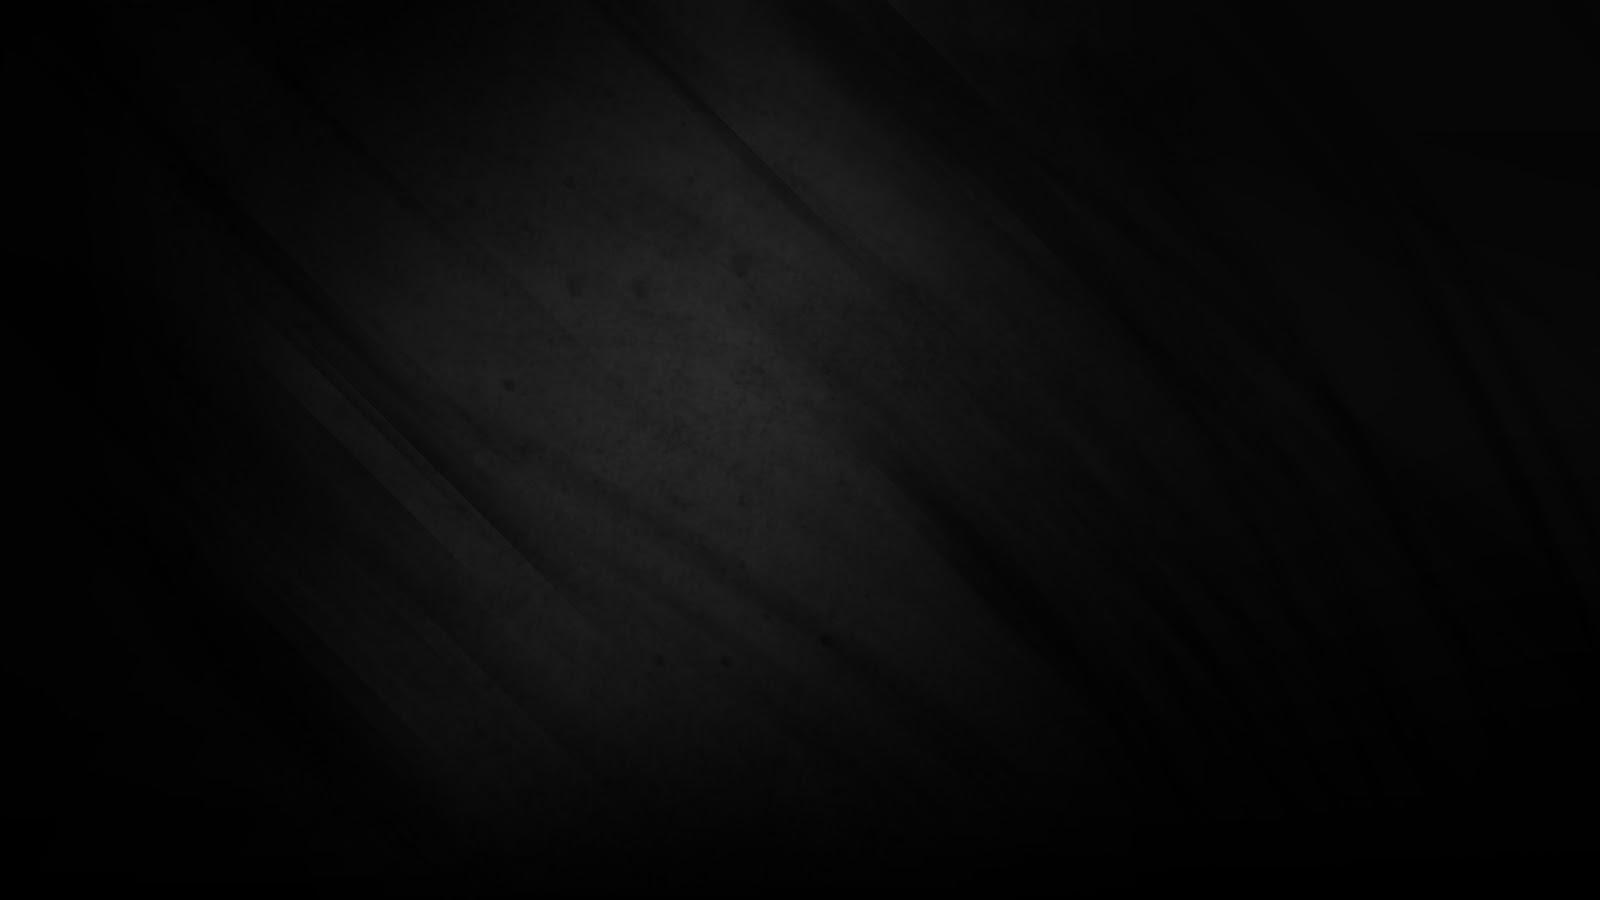 Hd Wallpaper For Windows 7 1080p Mac Ve Masa 252 St 252 Makineleri 52 Siyah Arka Plan Sekizbir